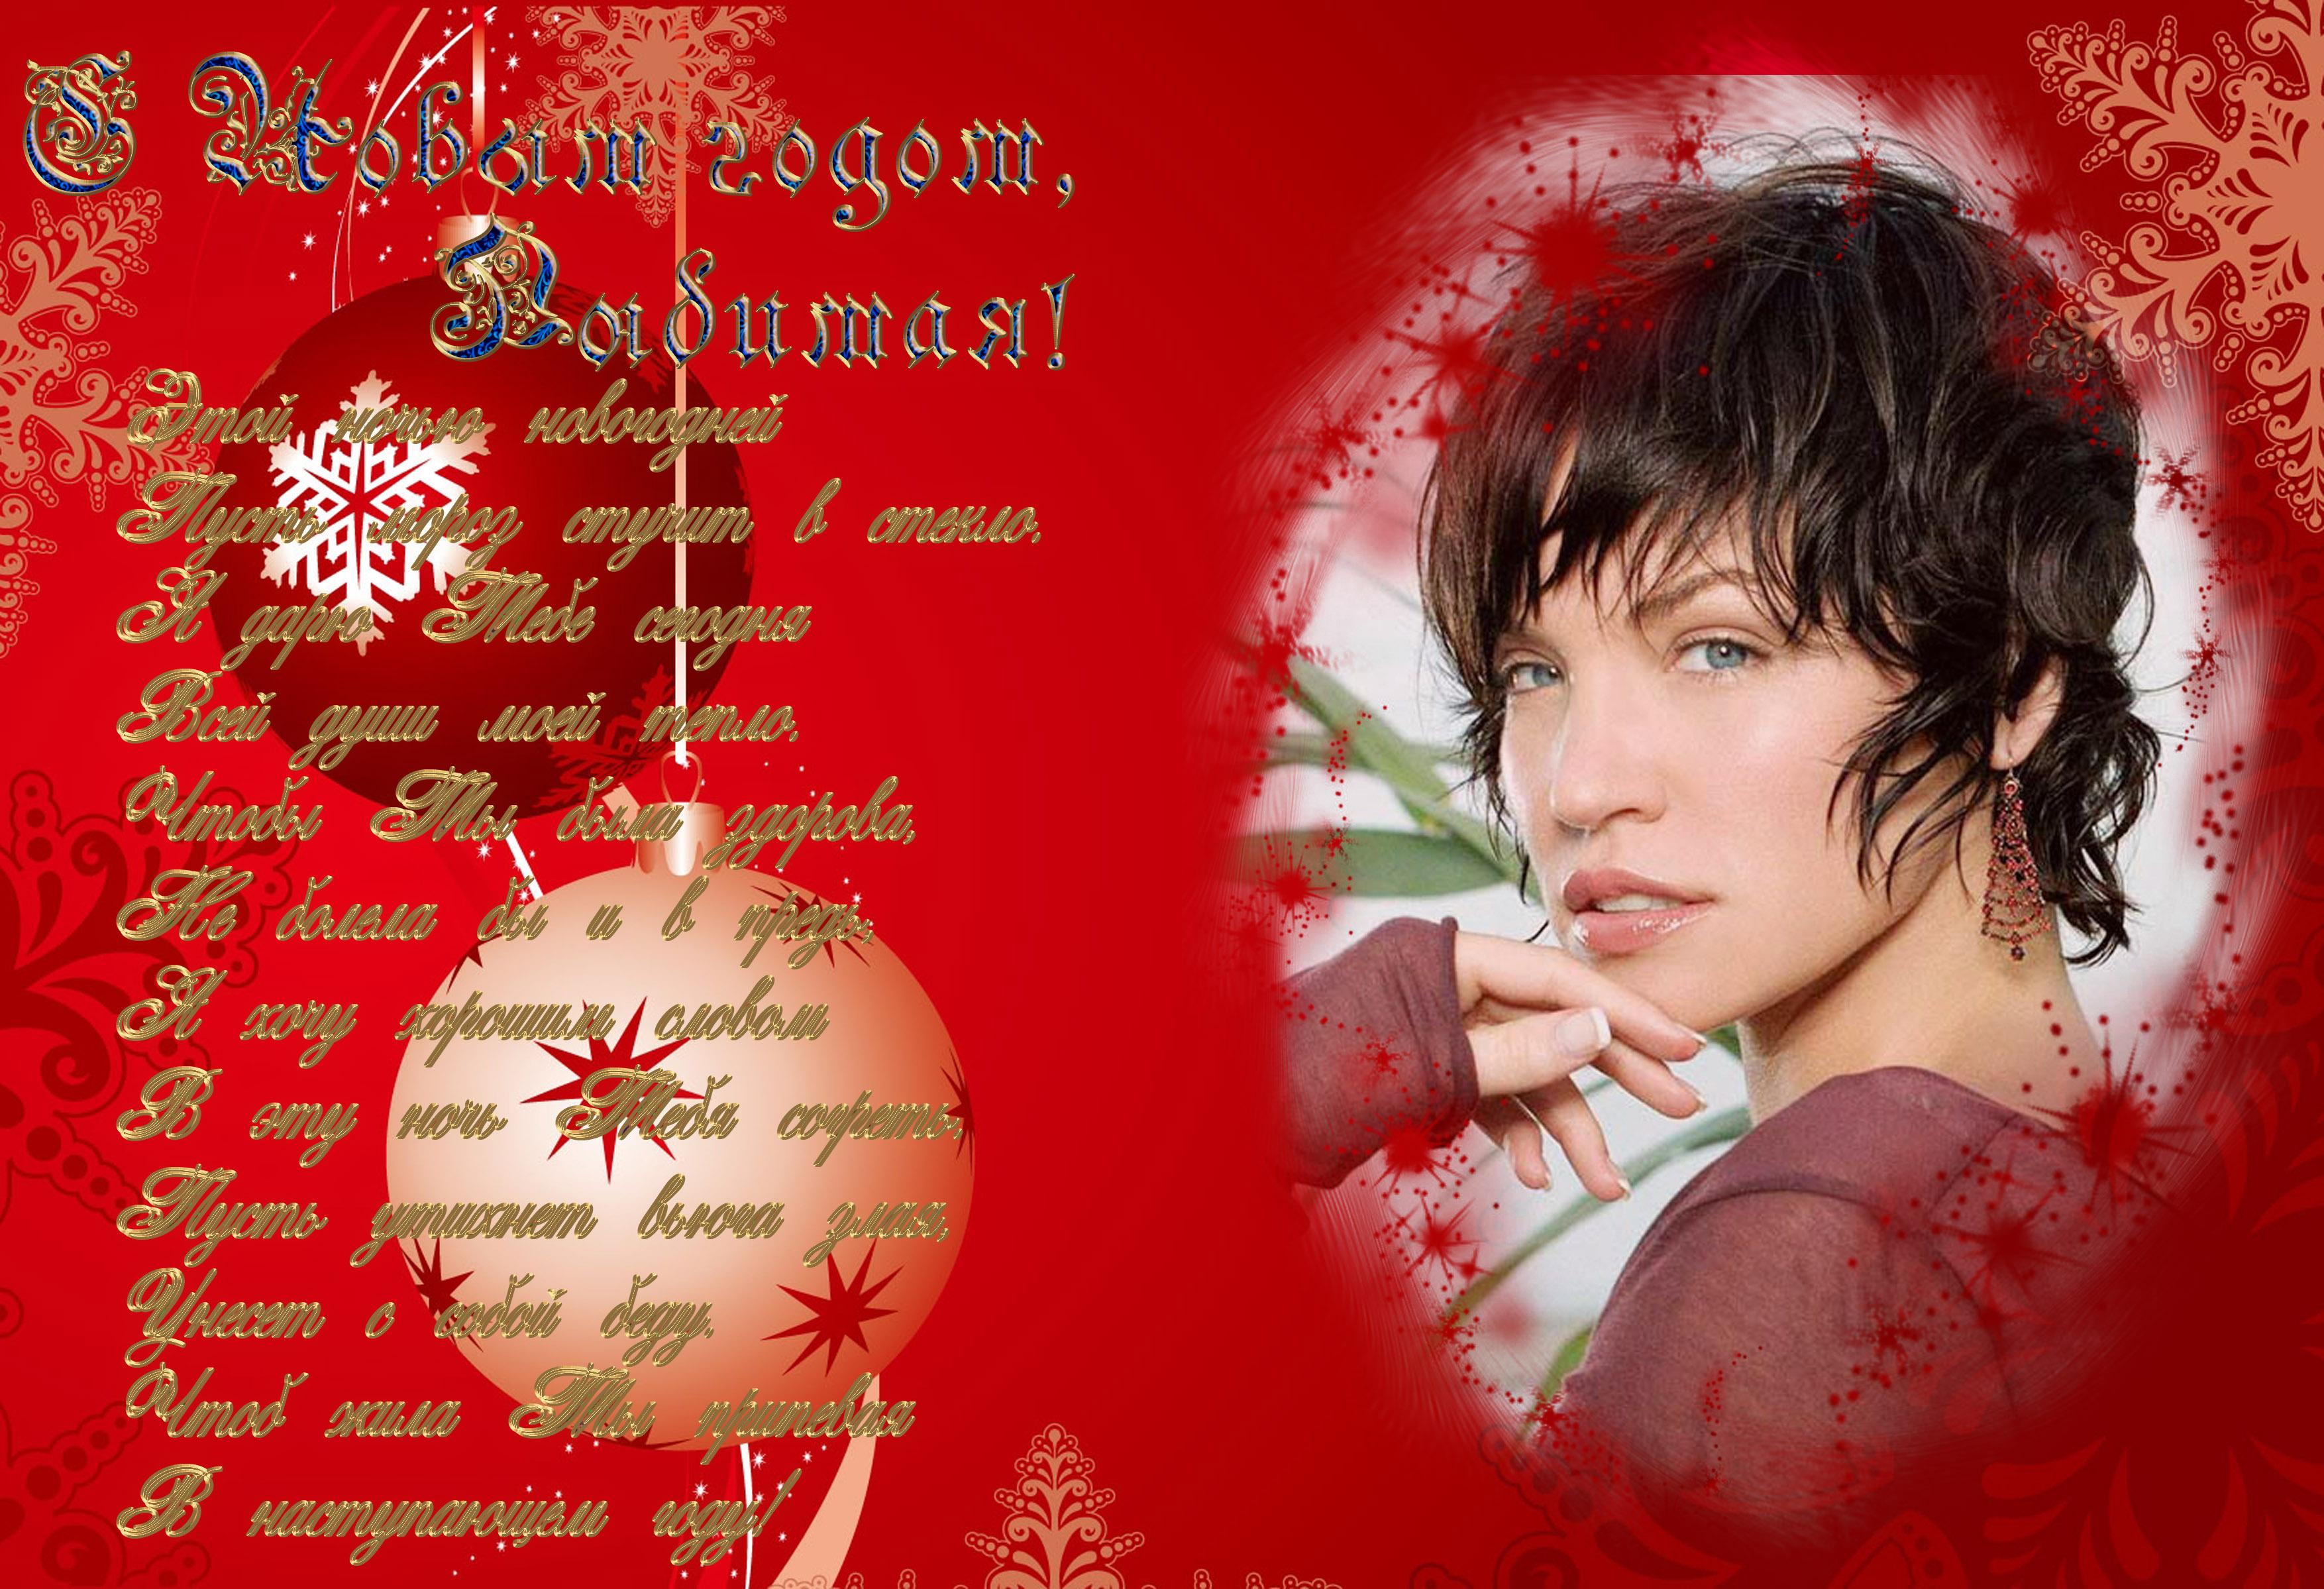 Надписями, открытки к новому году любимой